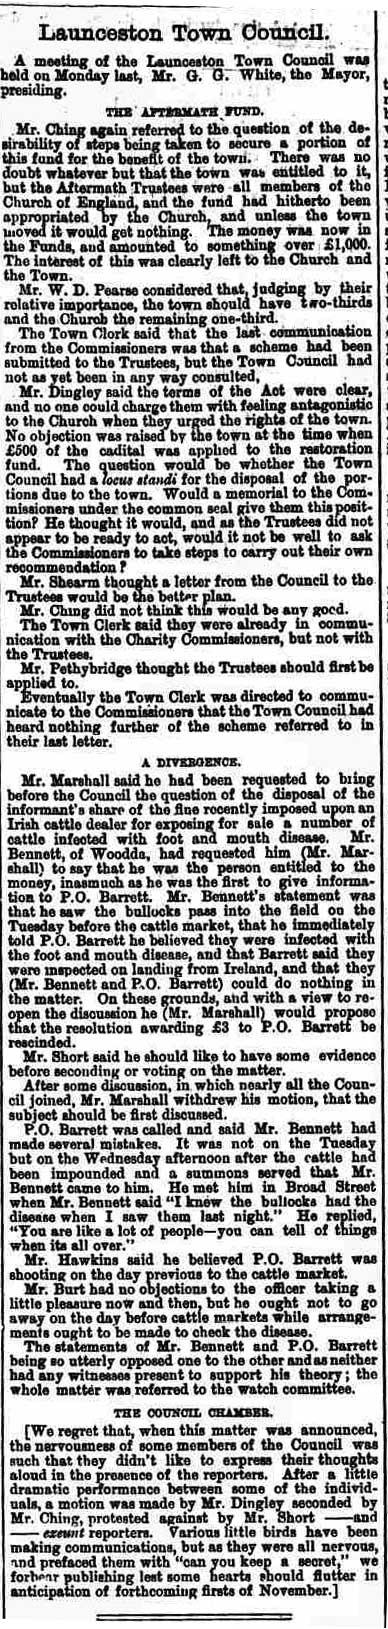 20 November 1875